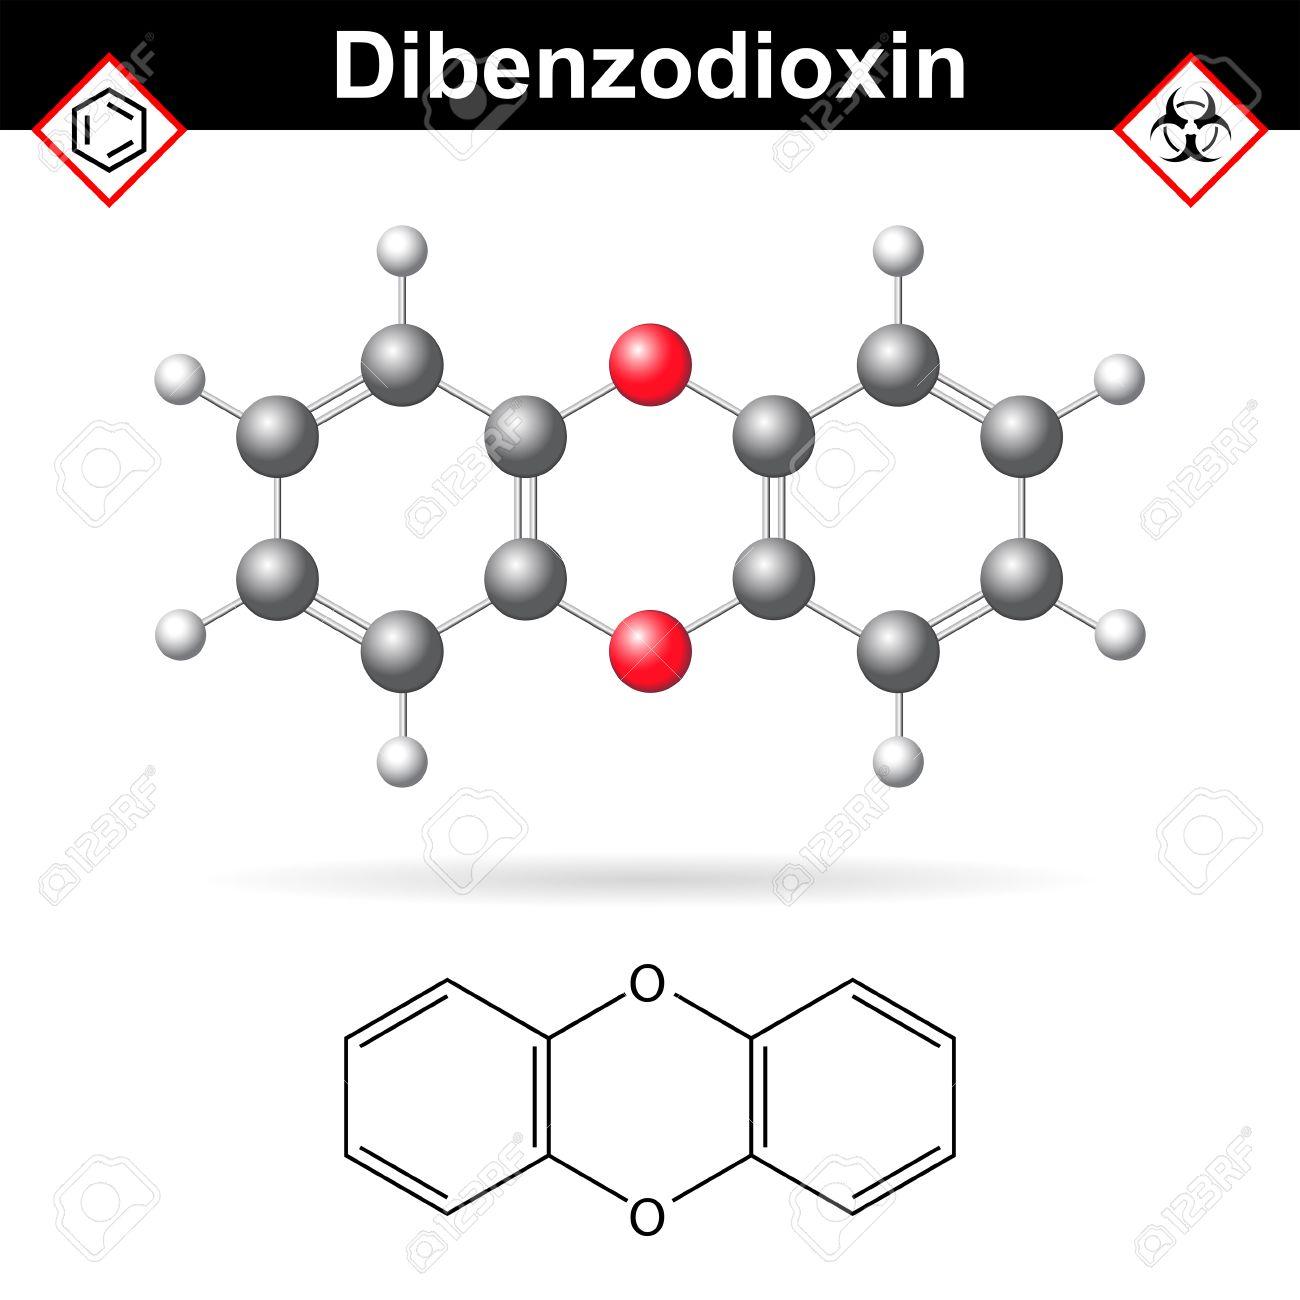 1 4 Sustancia Dibenzodioxine Policíclico Heterocíclico Química Orgánica Química Y Estructura Molecular Fórmula 2d Y 3d Ilustración Vectorial